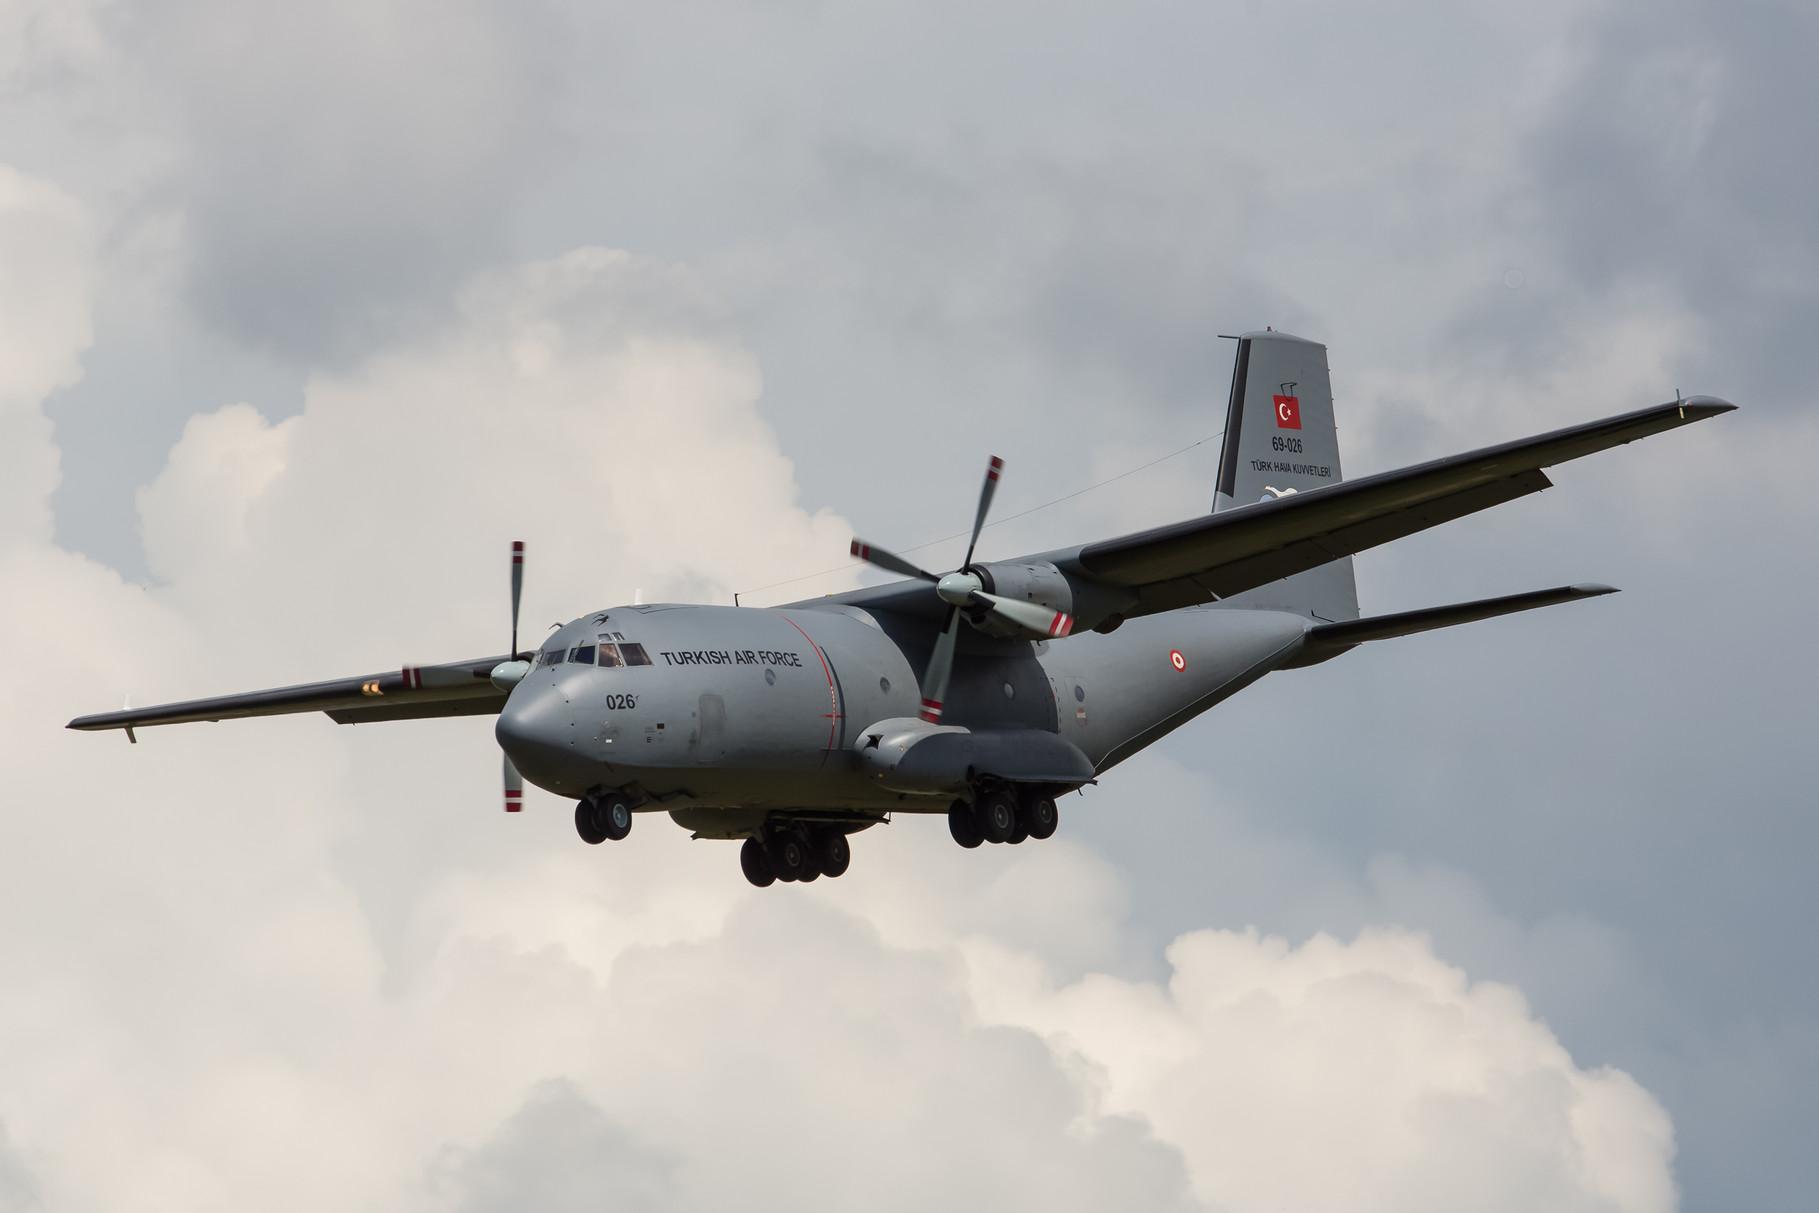 Eine Transall der türkischen Luftwaffe landet um das Bodengerät aufzunehmen.